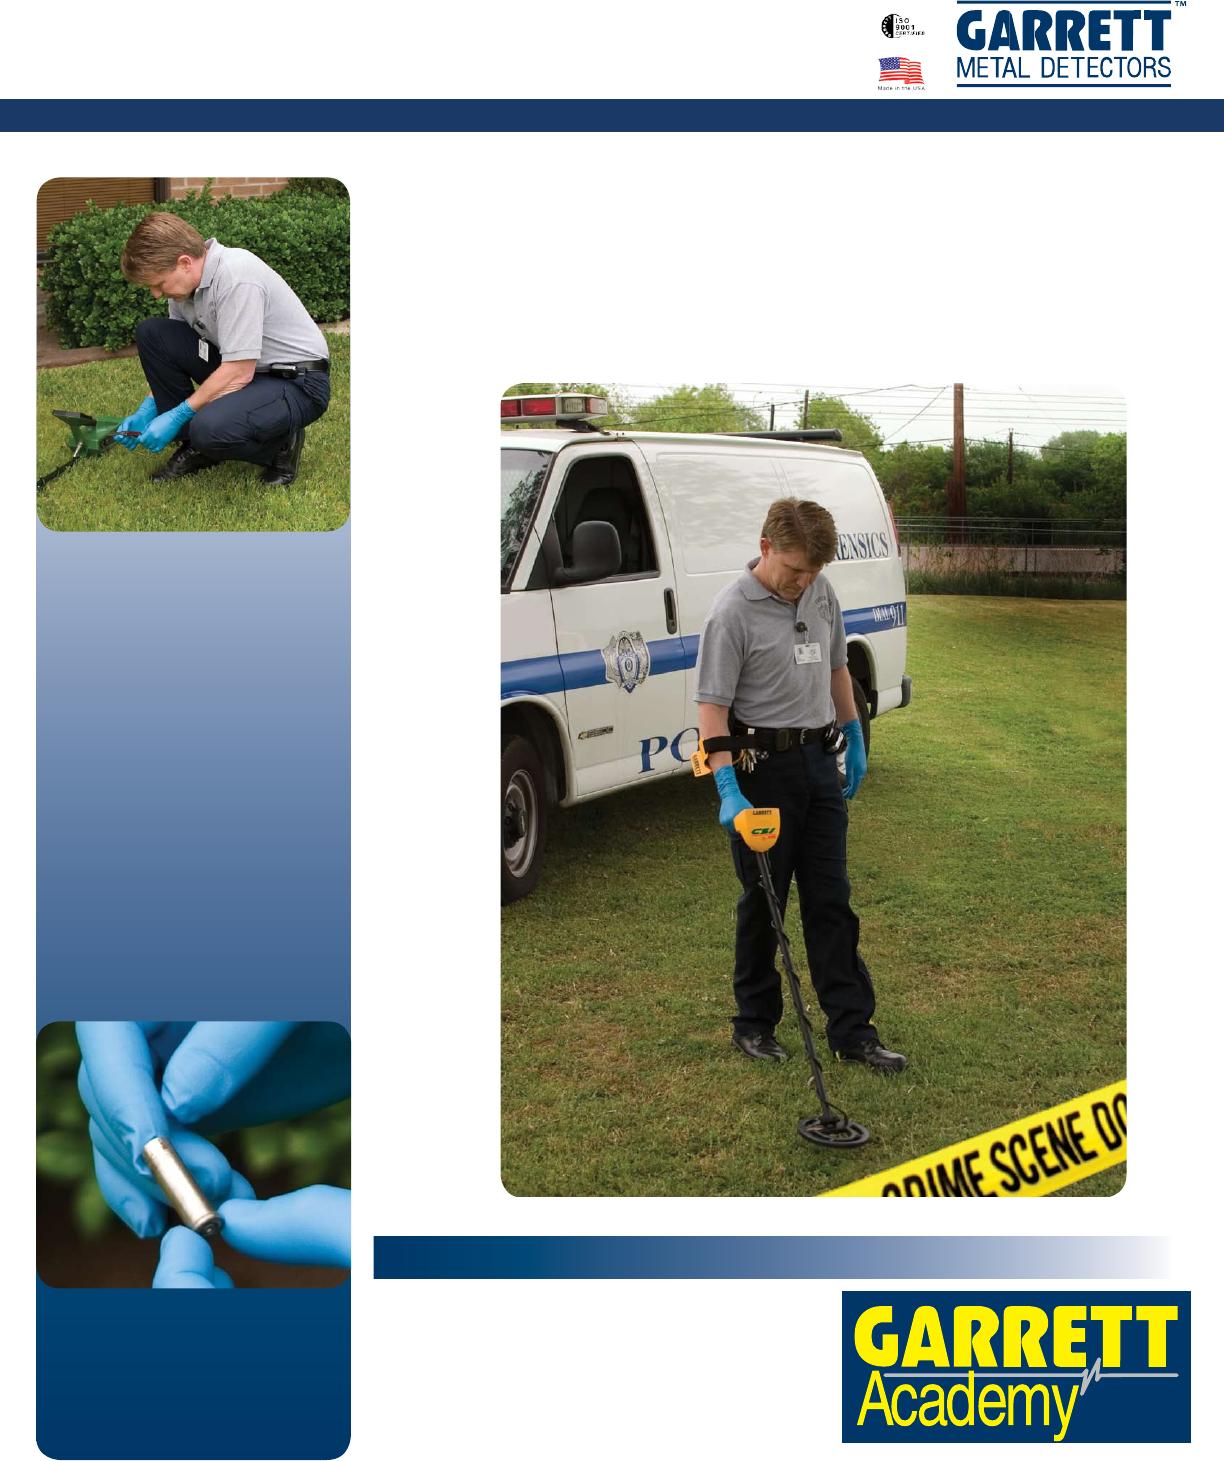 garrett handheld metal detector pdf